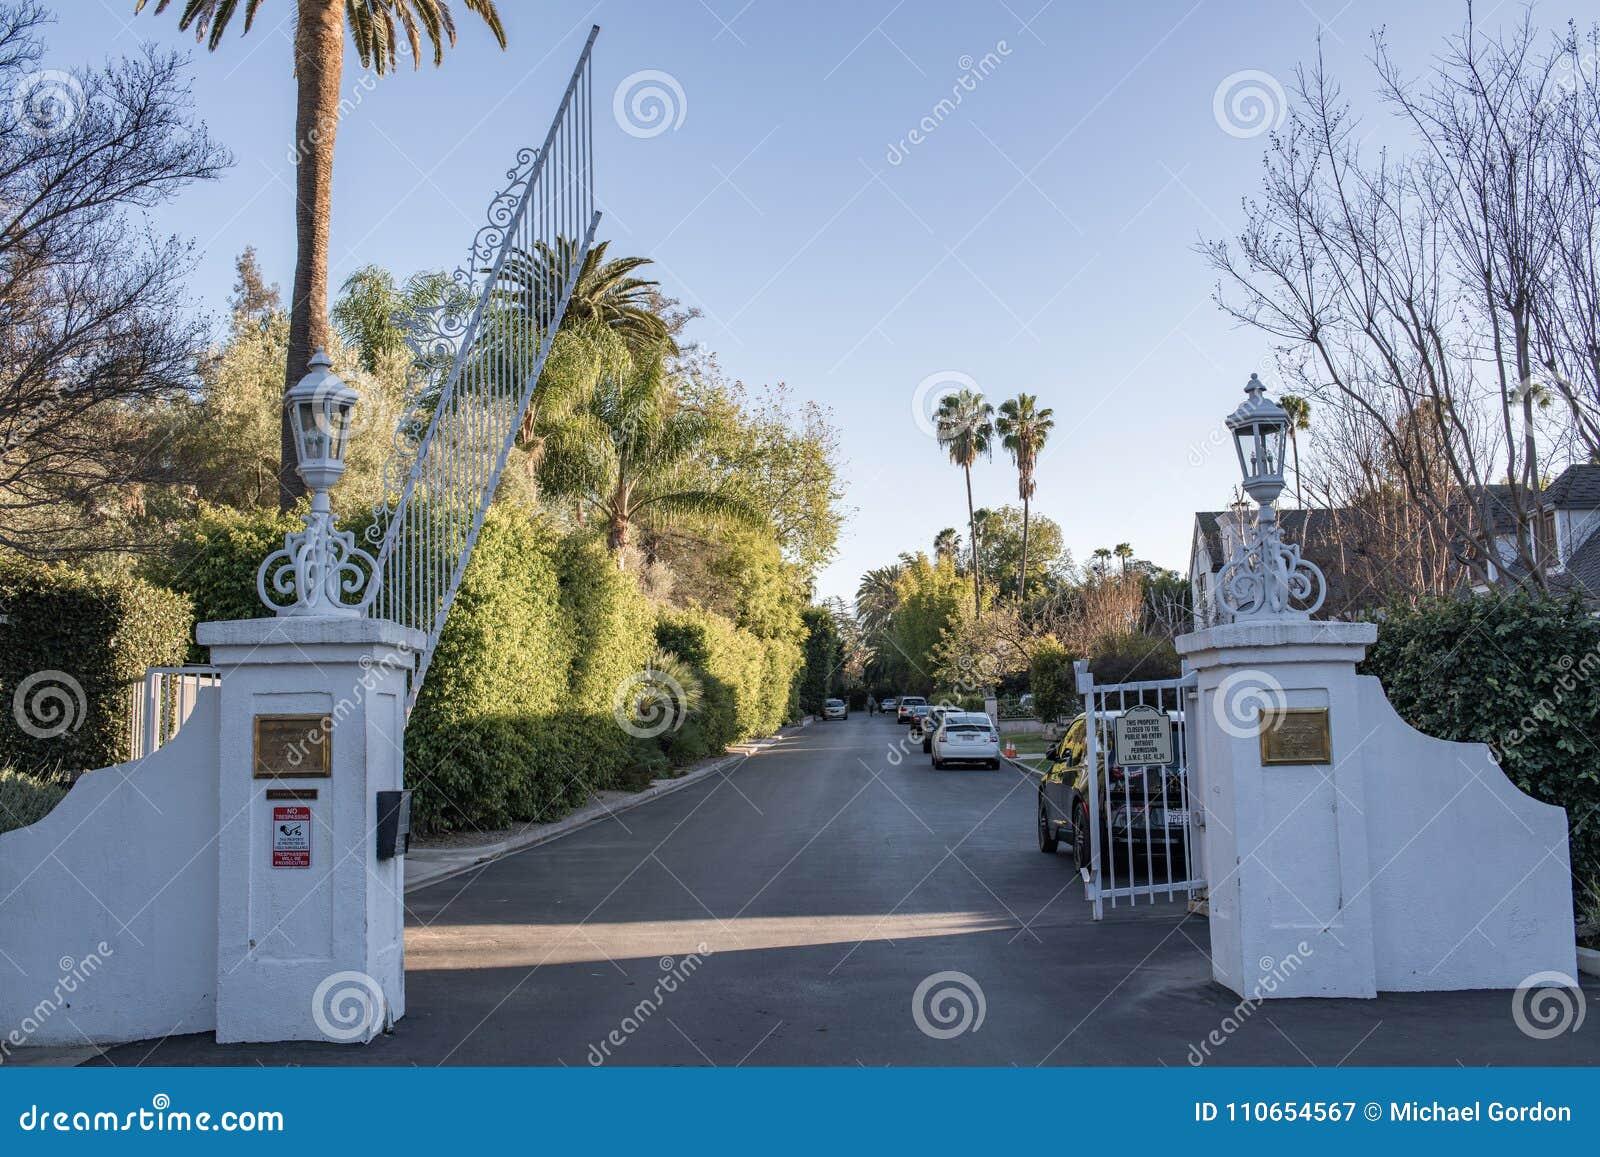 Parco di Laughlin, una comunità privata e gated a Los Angeles